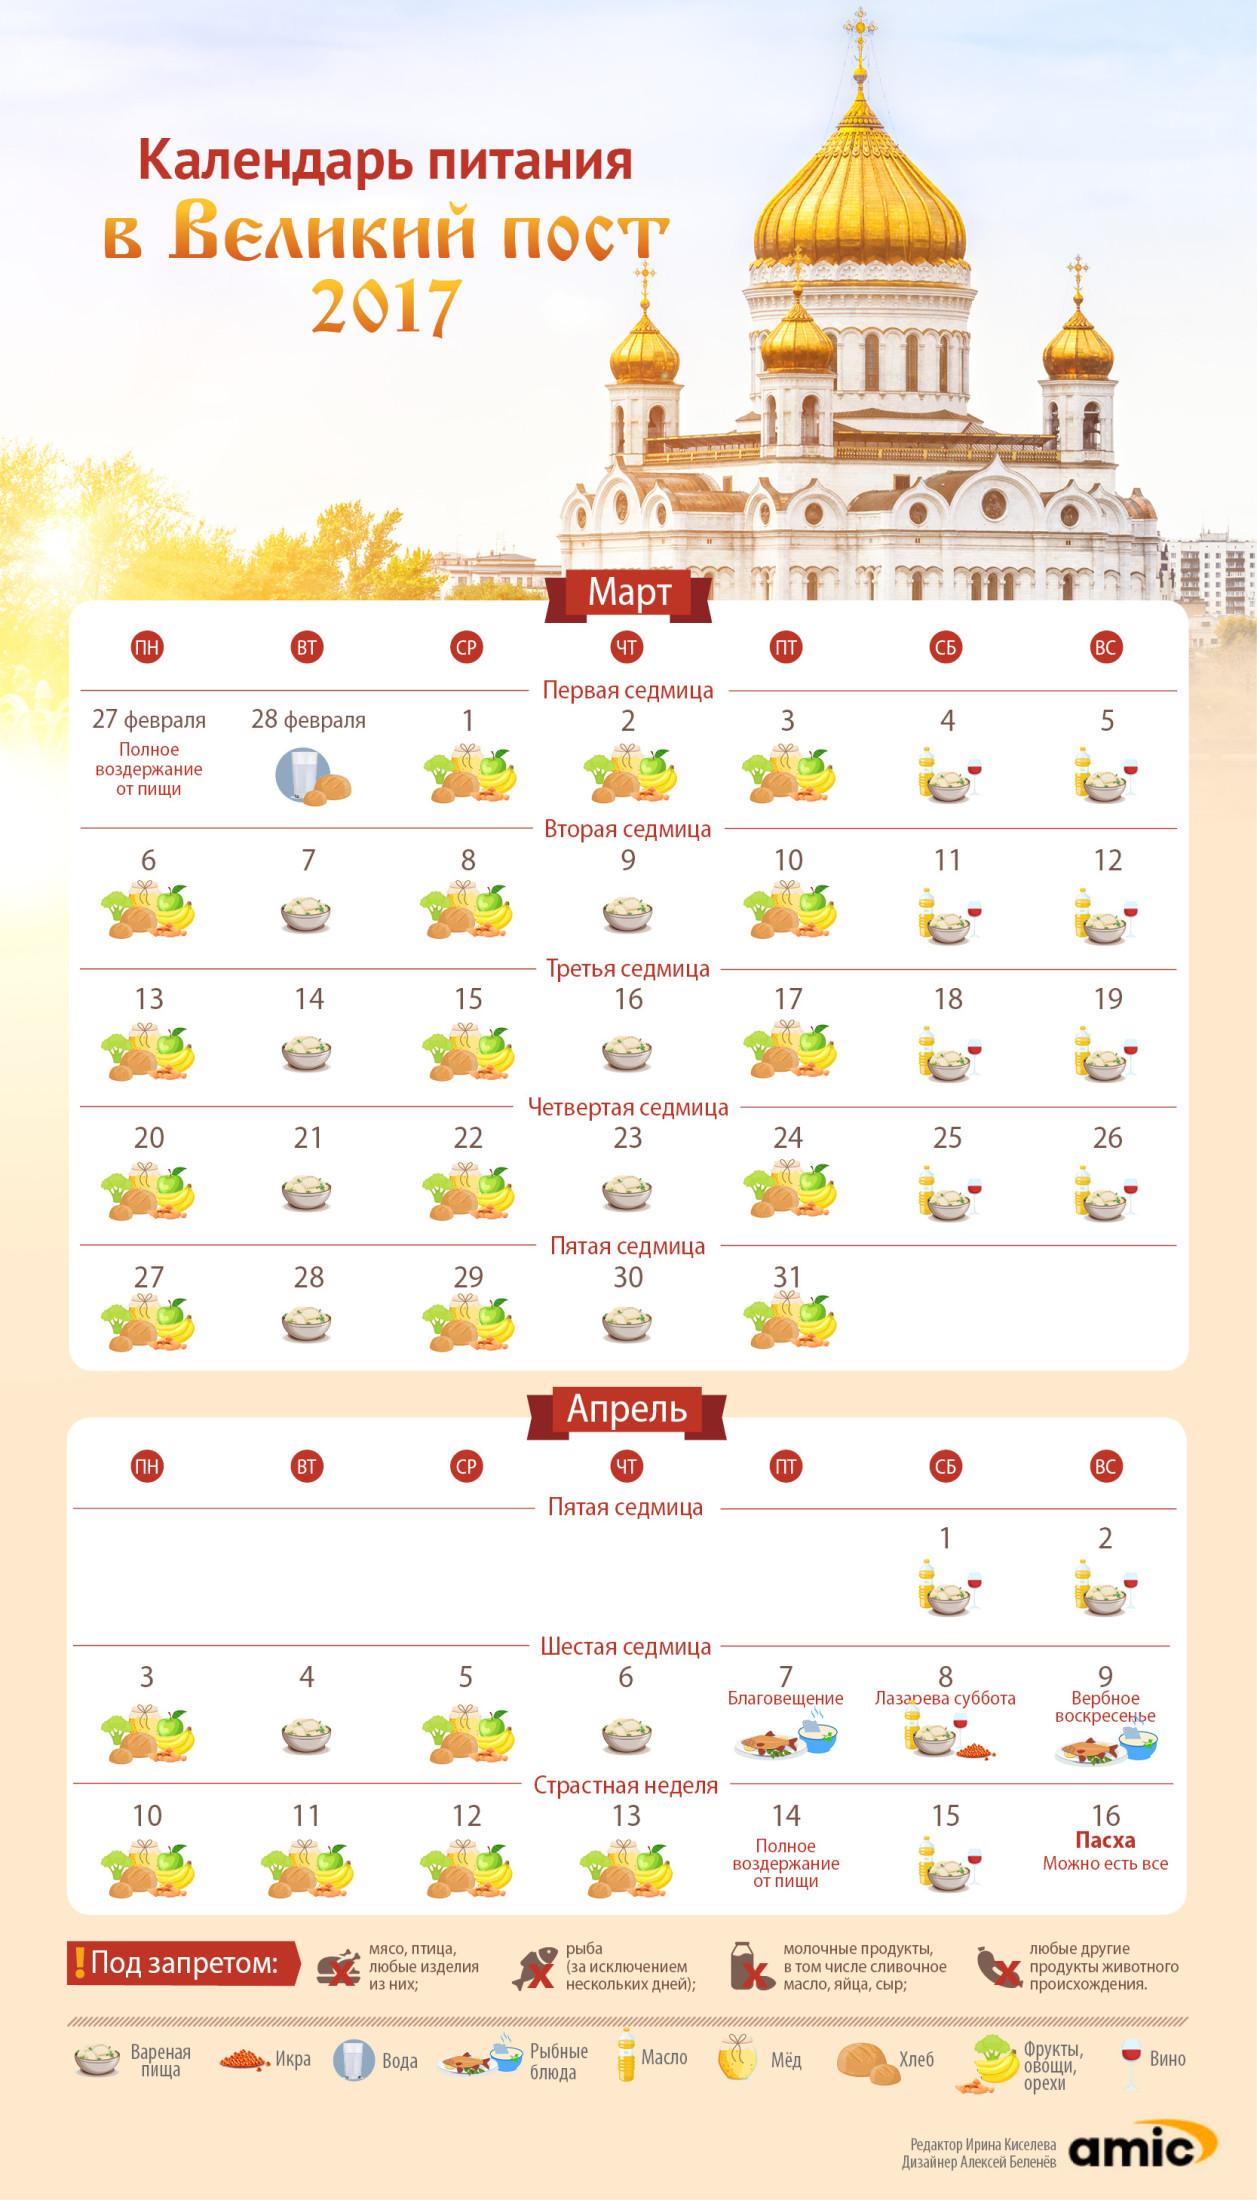 Календарь питания в Великий Пост 2017